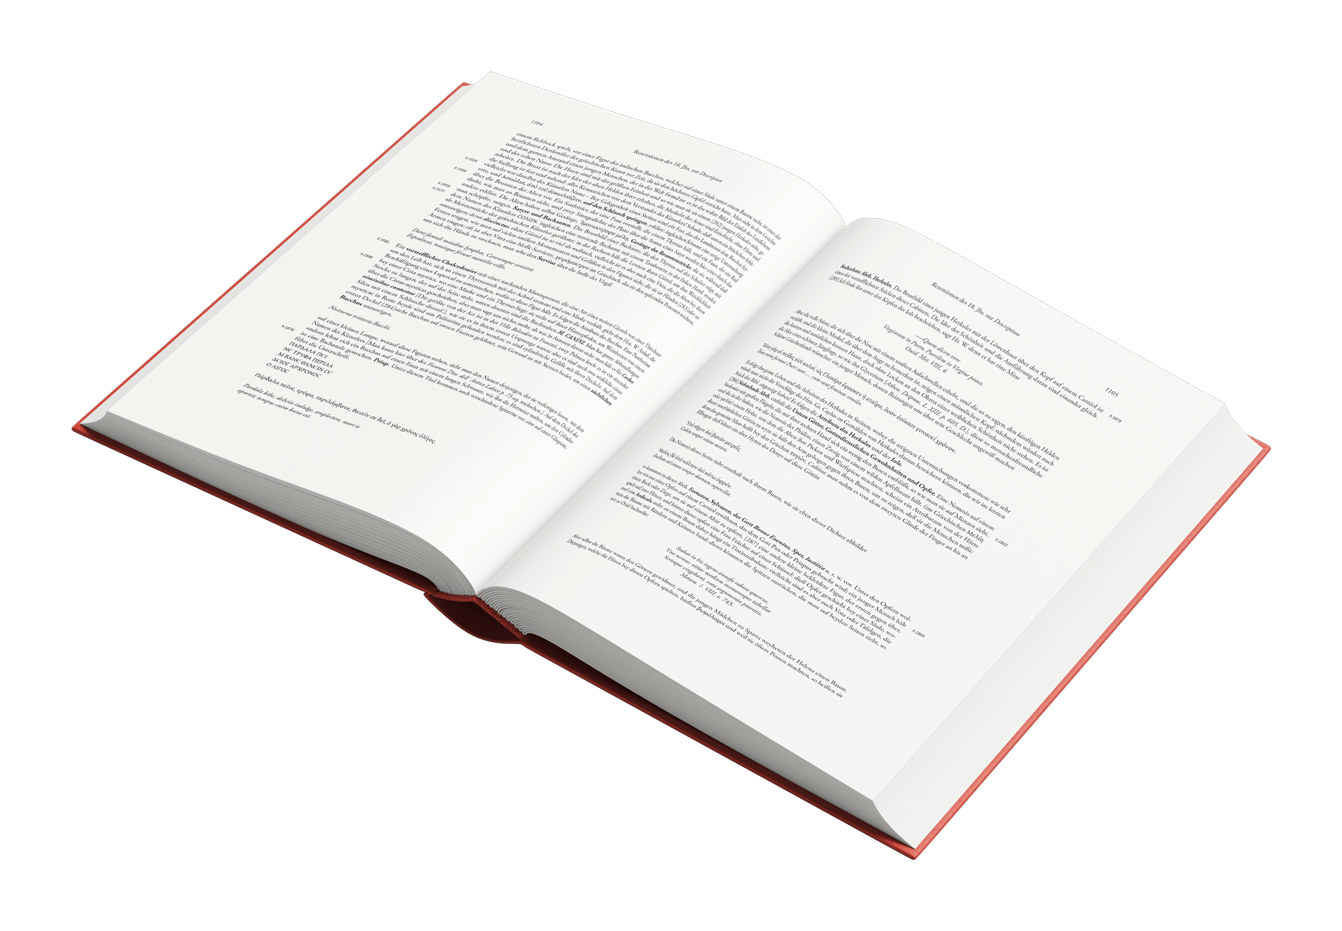 Buchgestaltung aufgeschlagen Referenz Winckelmann